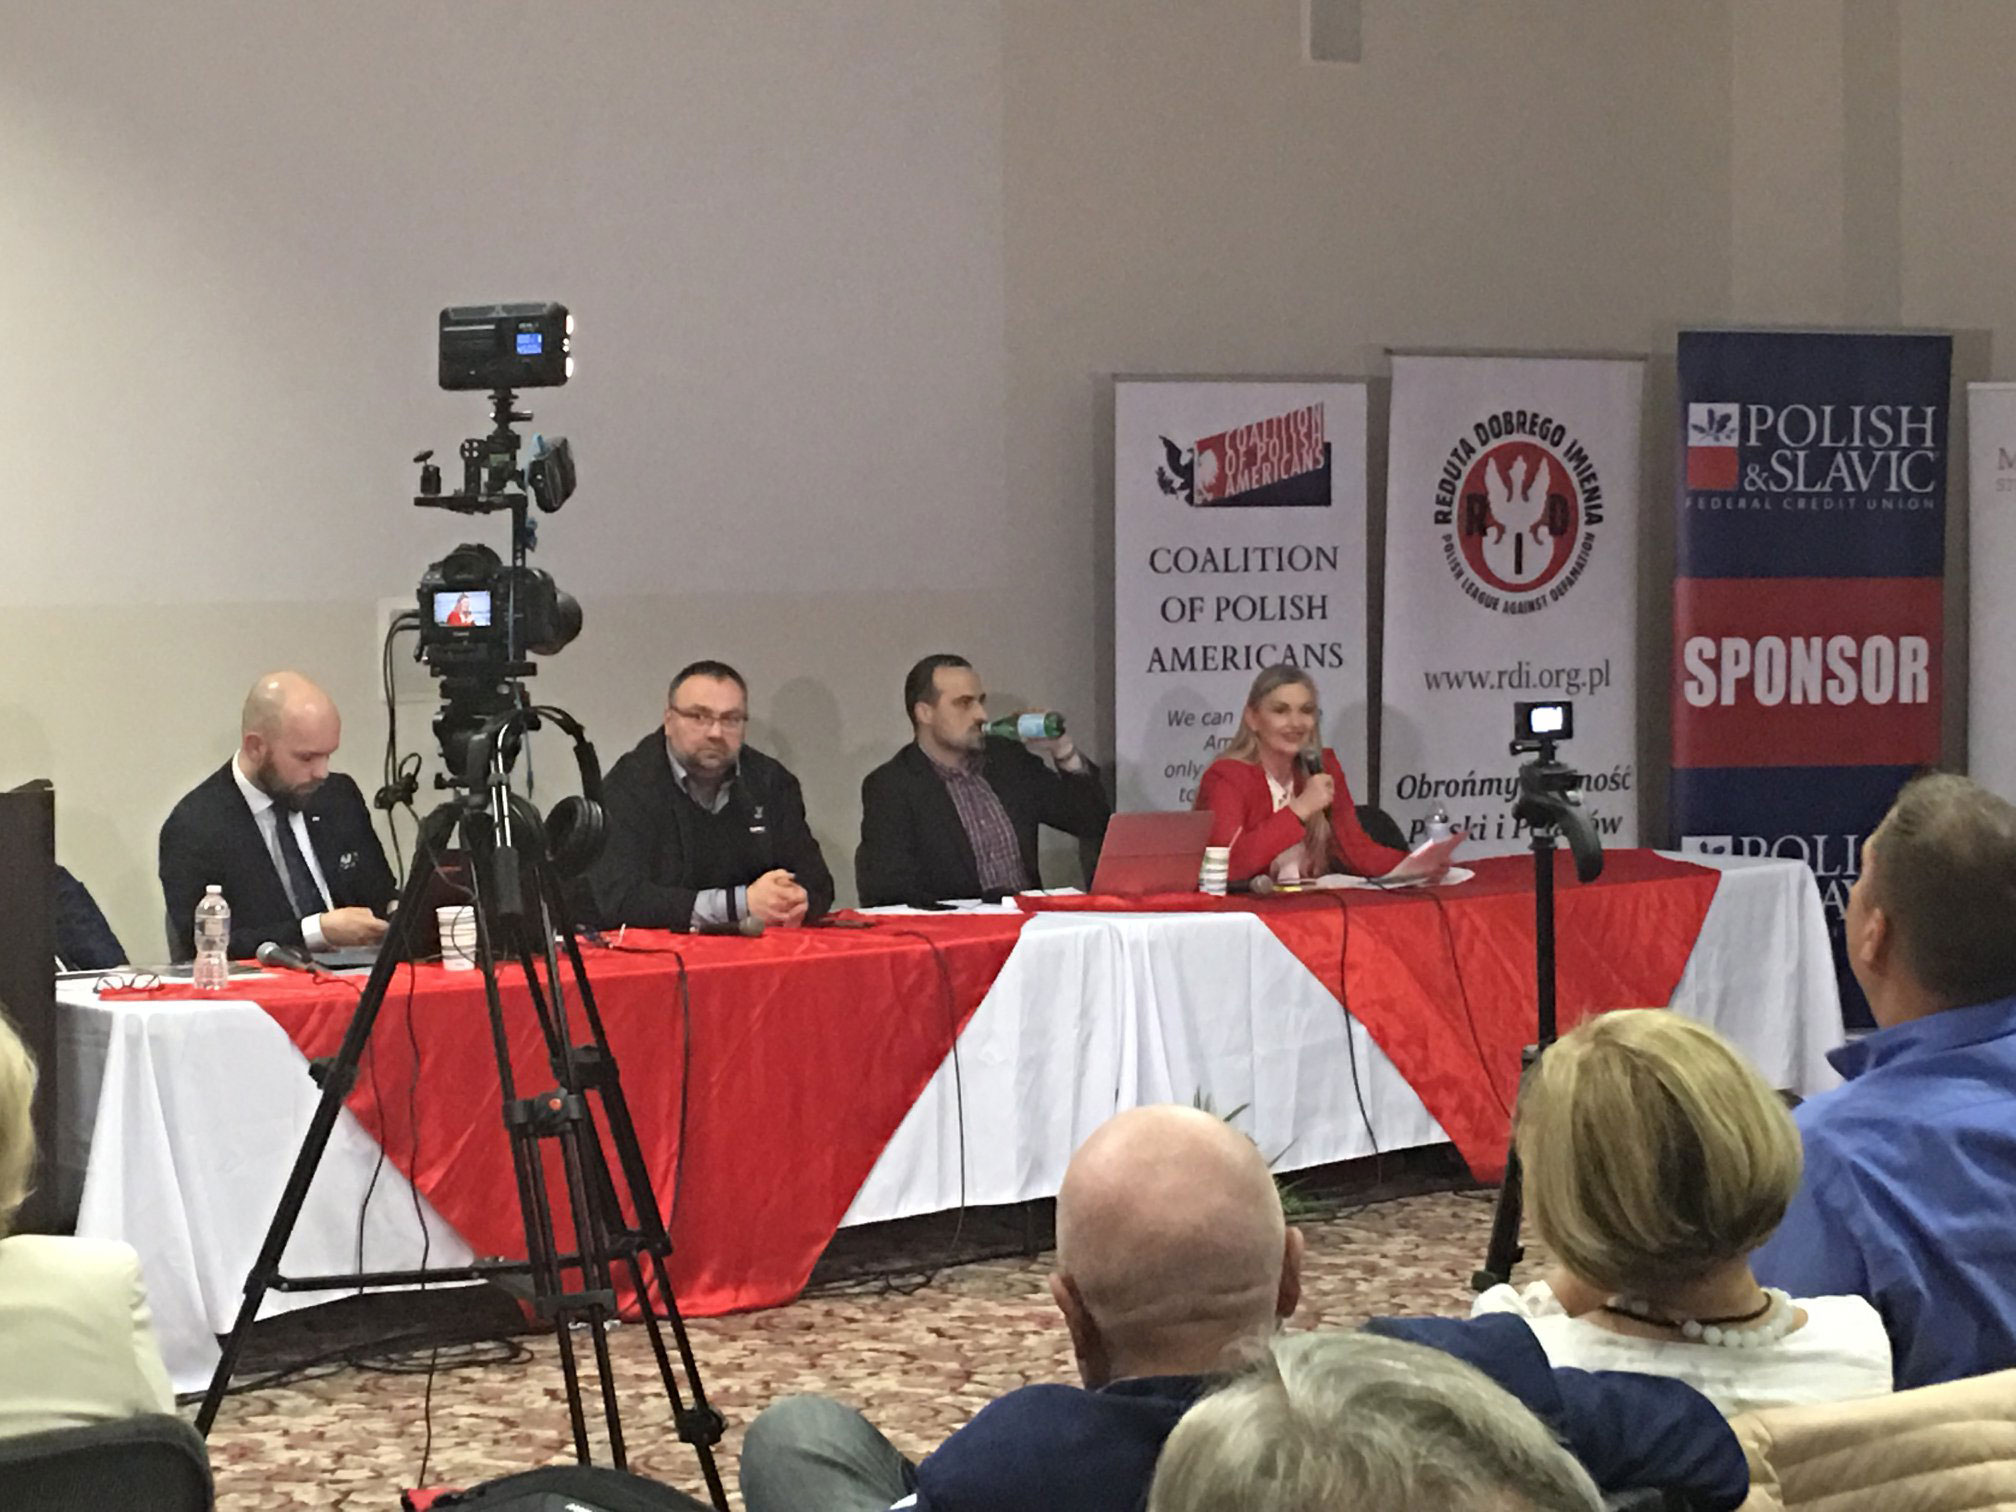 Zobacz zdjęcia z VI Forum Polonijnego – Spełniamy patriotyczne obowiązki – w Doylestown